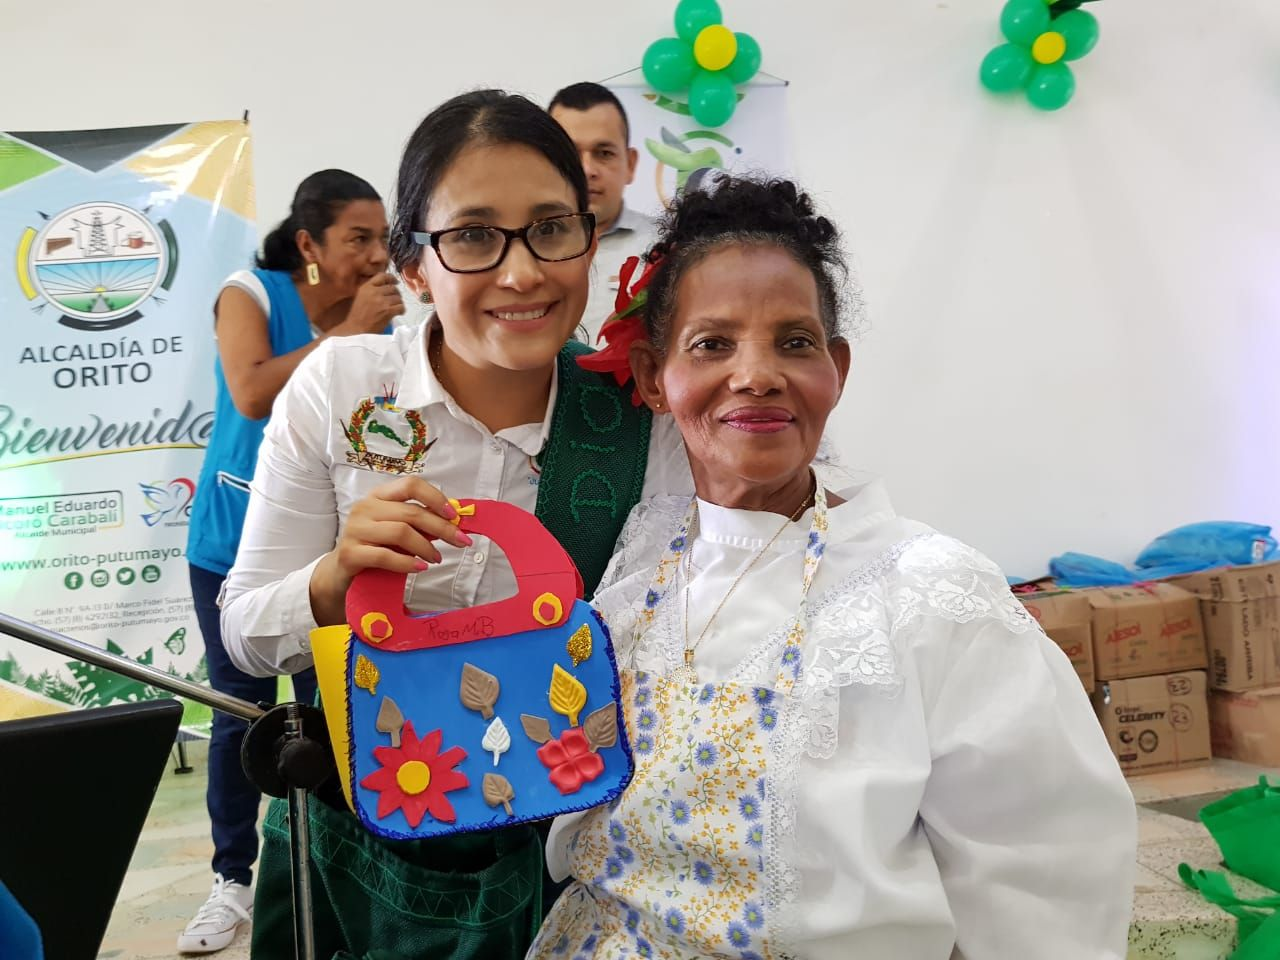 Adultos mayores de Orito realizan muestra cultural, artesanal y productiva